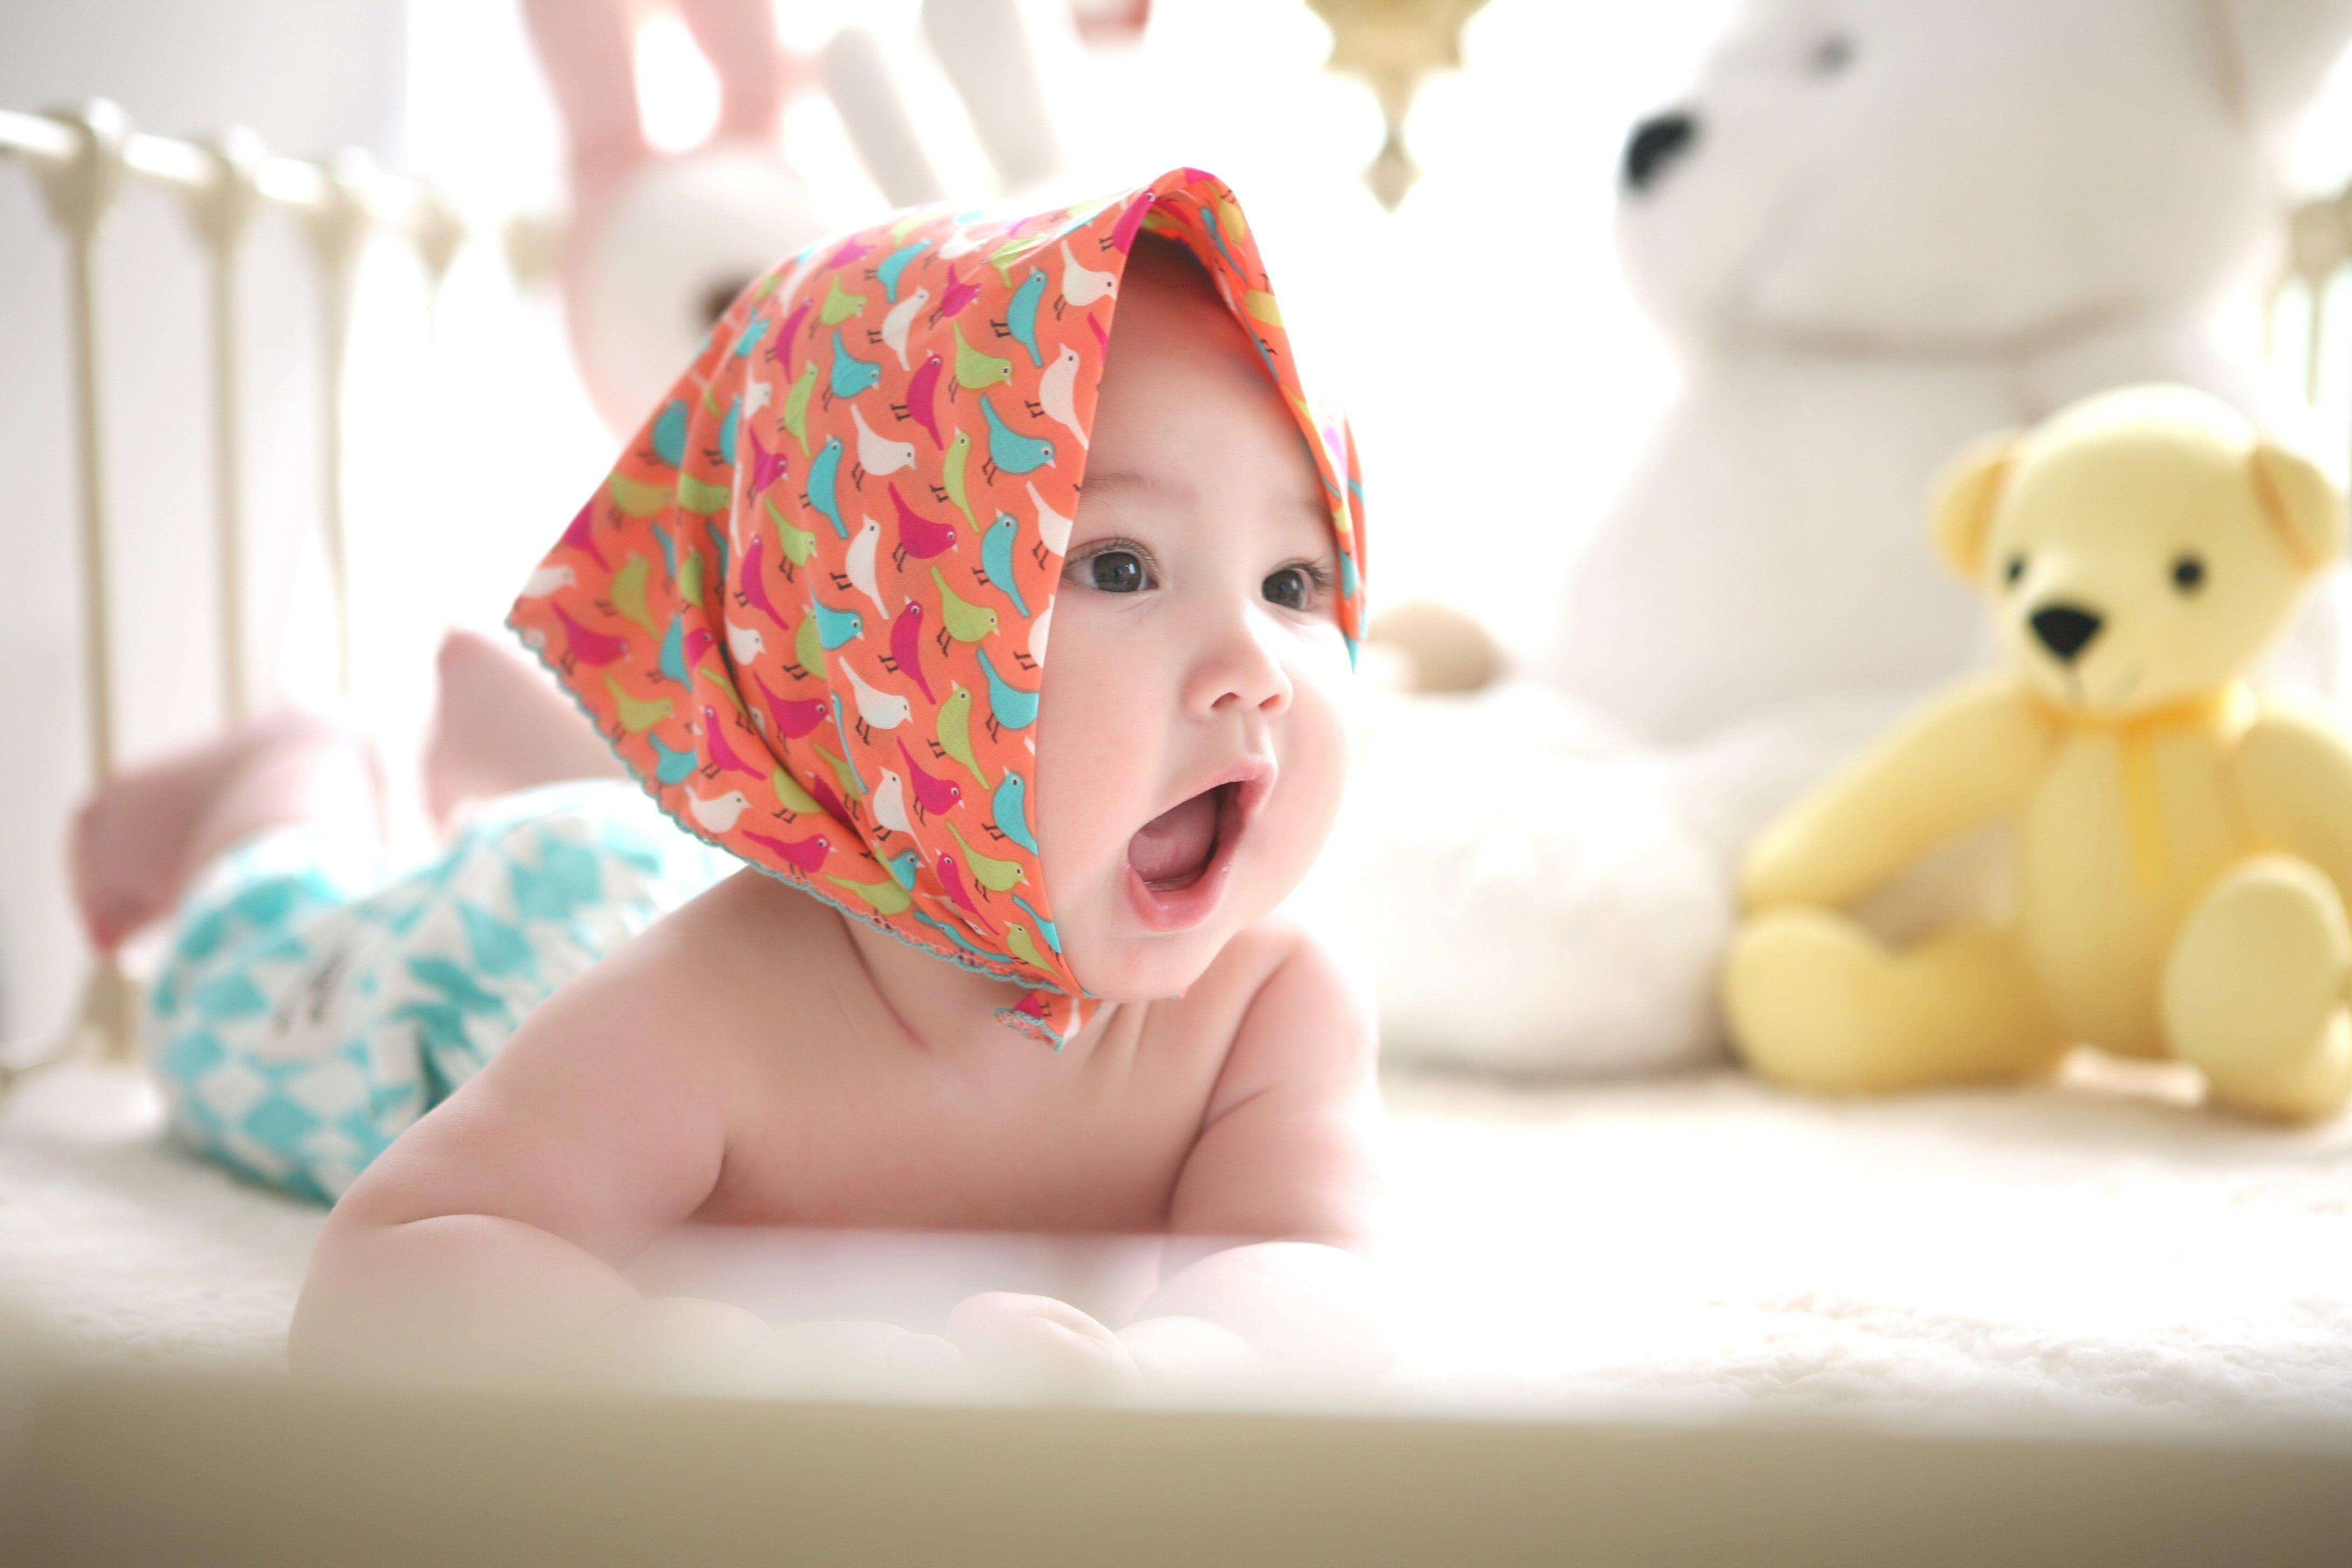 Kostenloses Stock Foto zu baby, bett, bezaubernd, drinnen